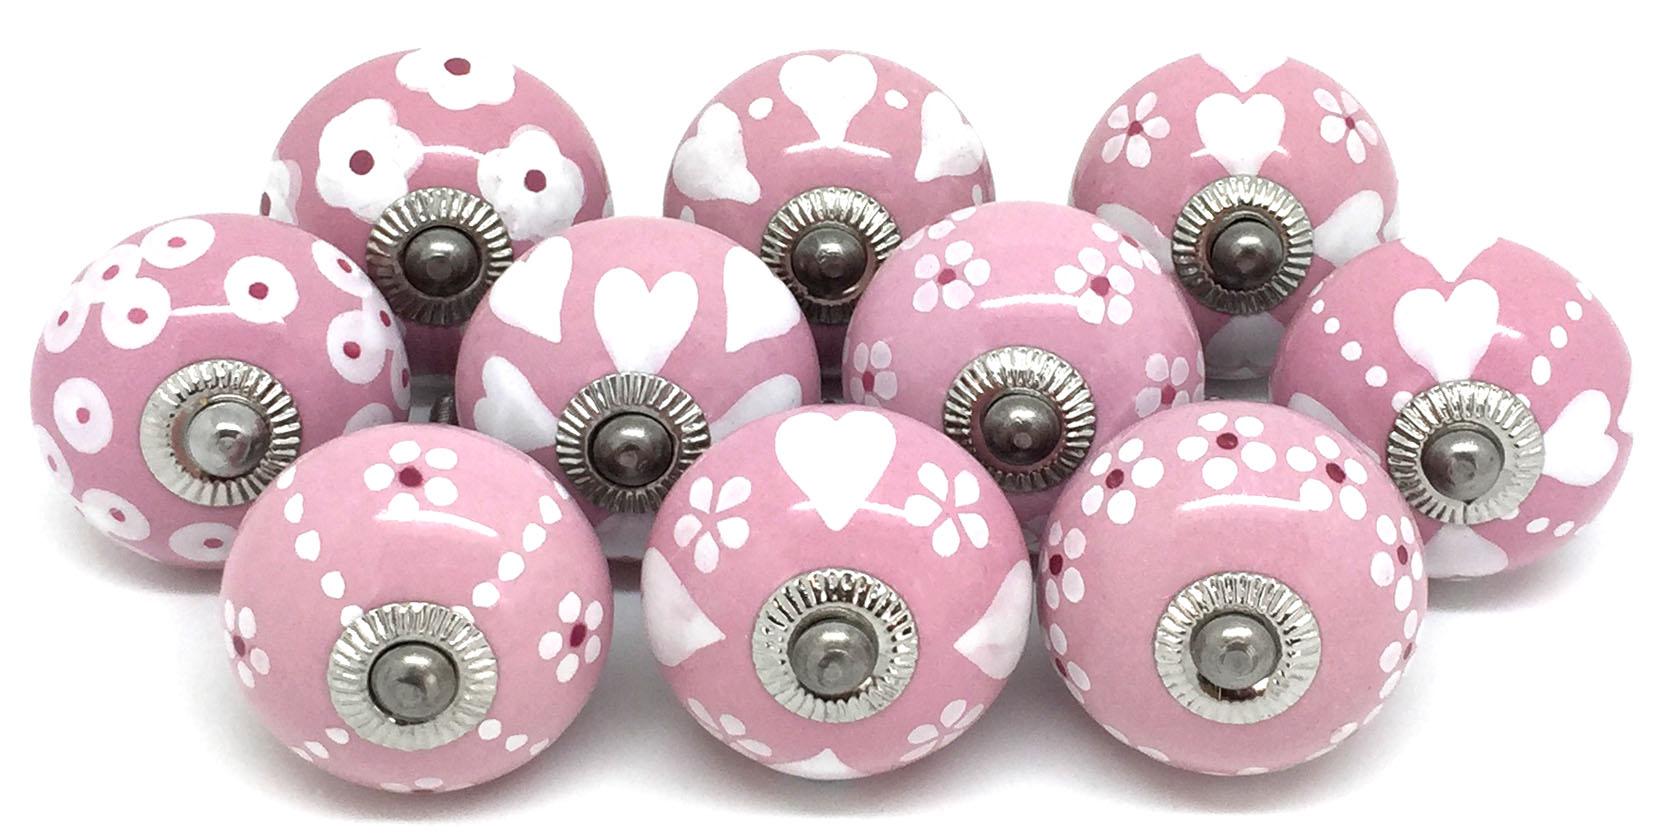 Set of 10 Pink & White FP1